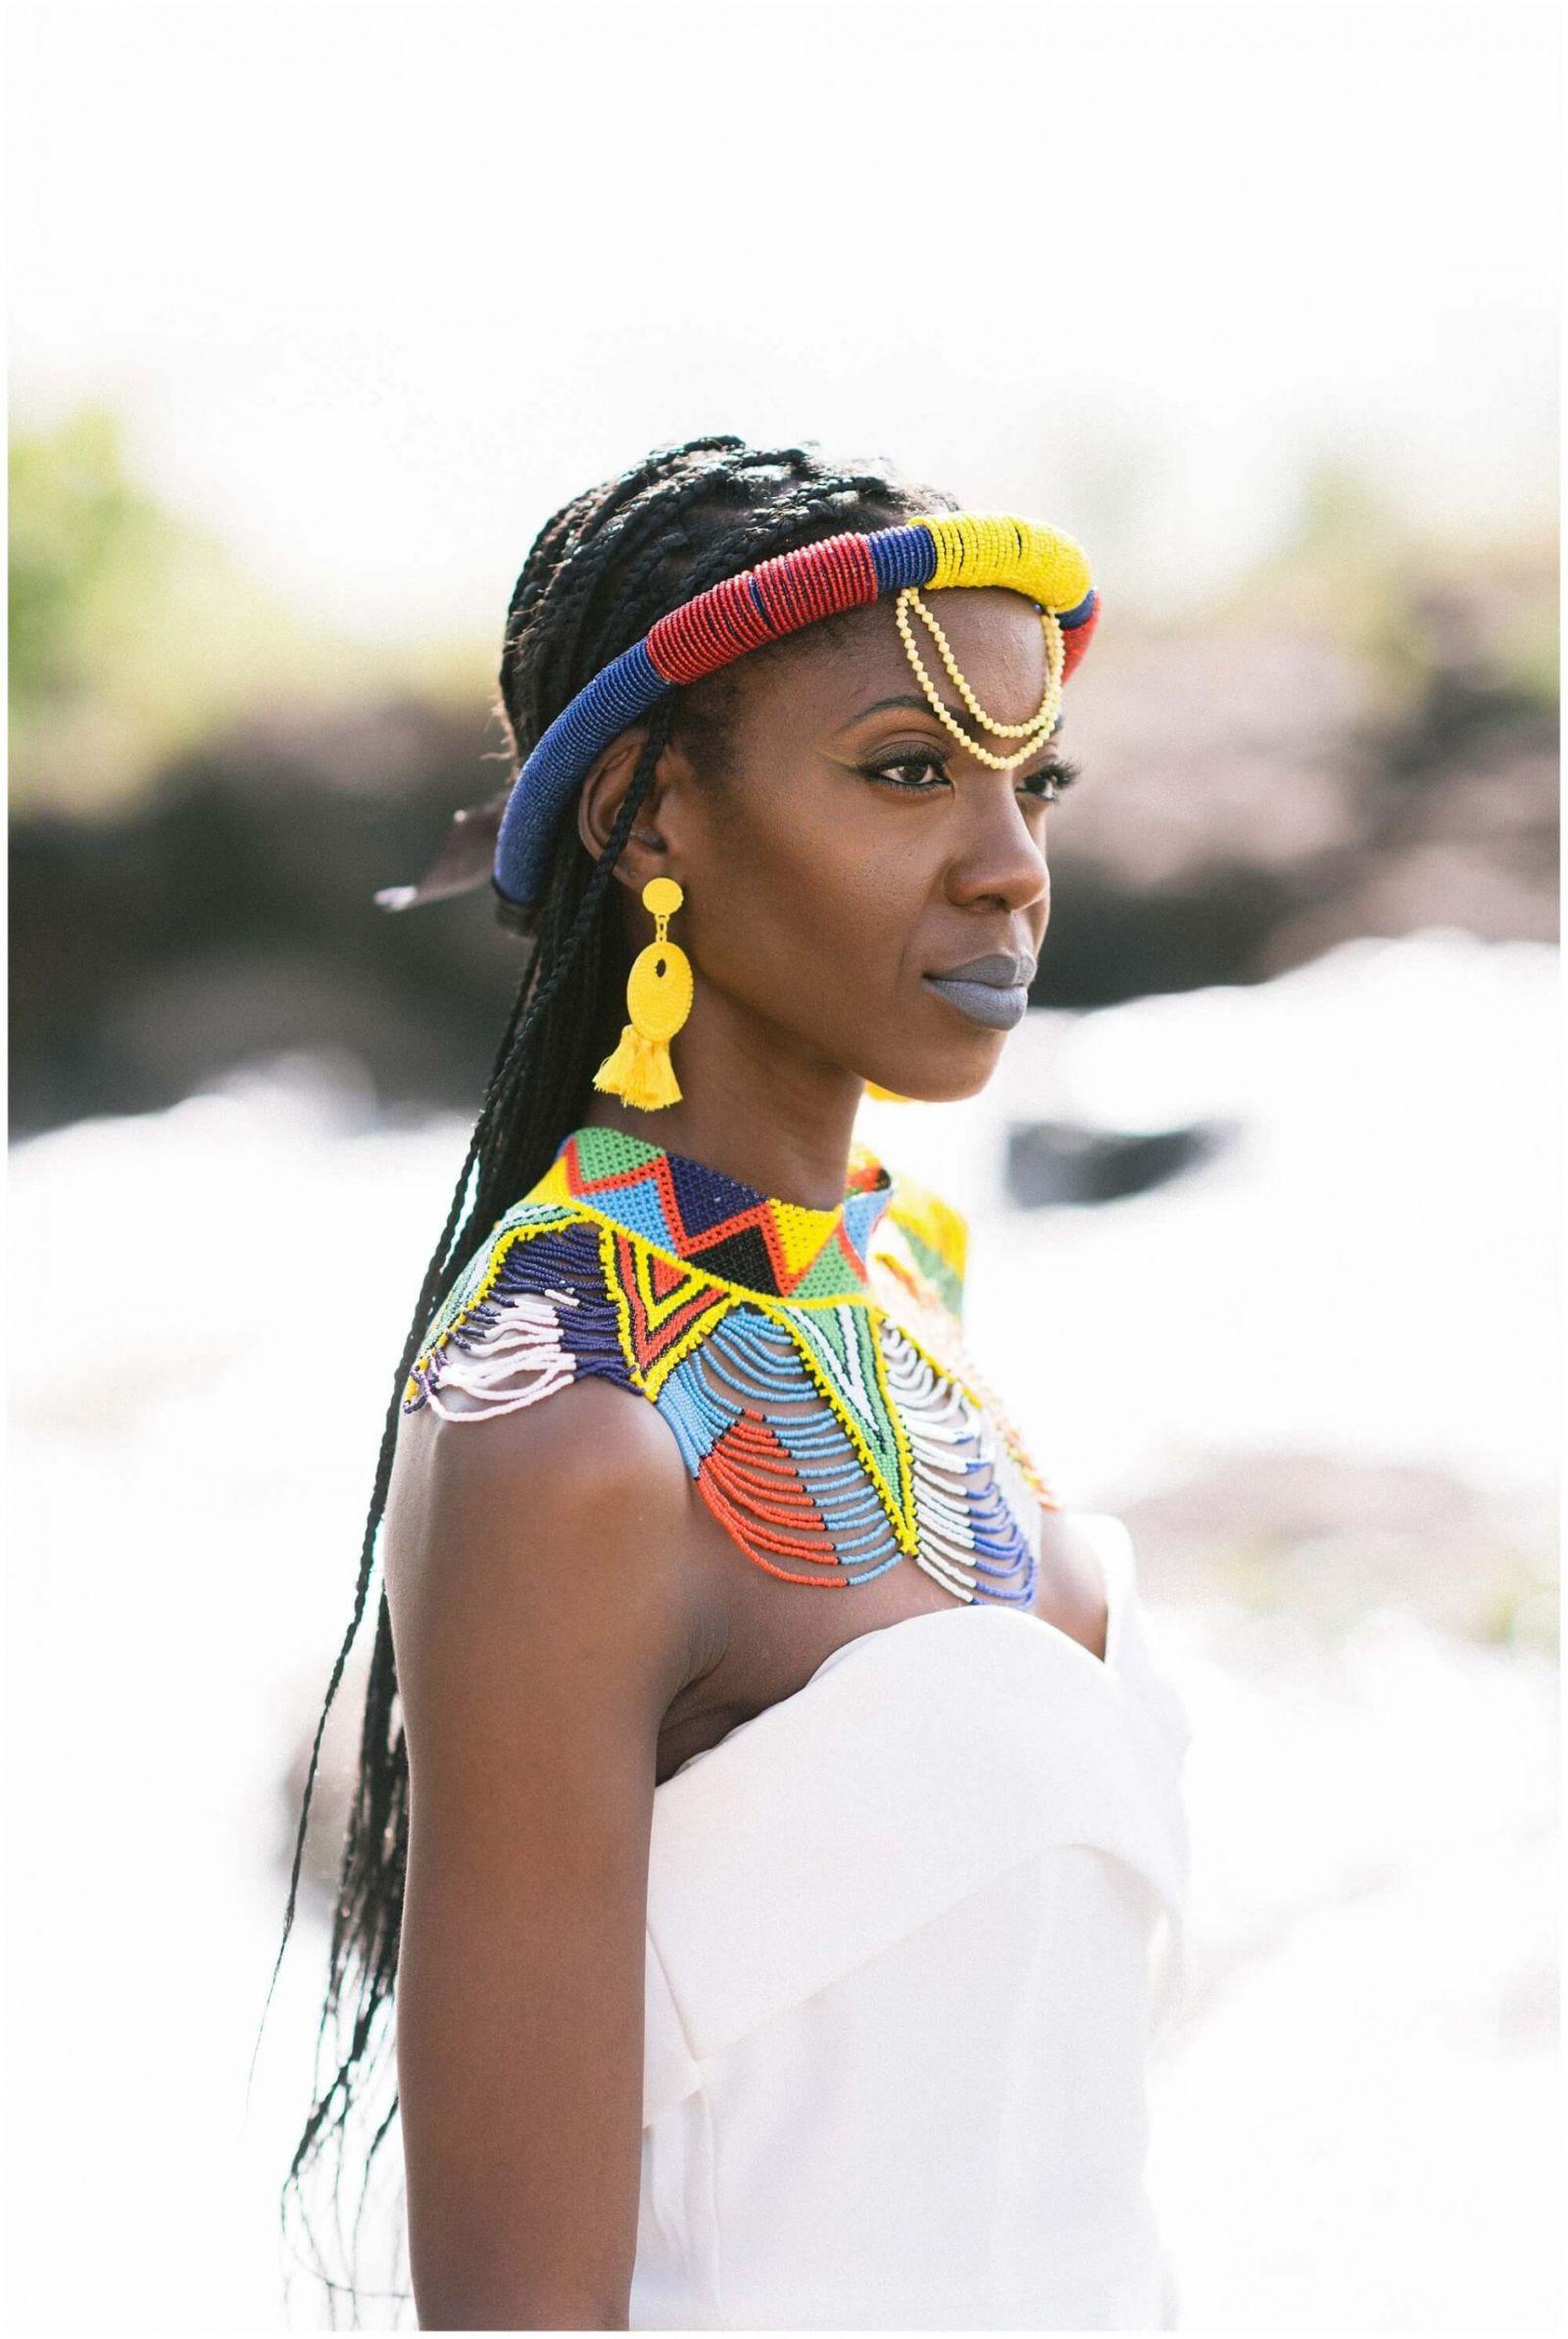 Eva Tarnok destination wedding photographer in Africa